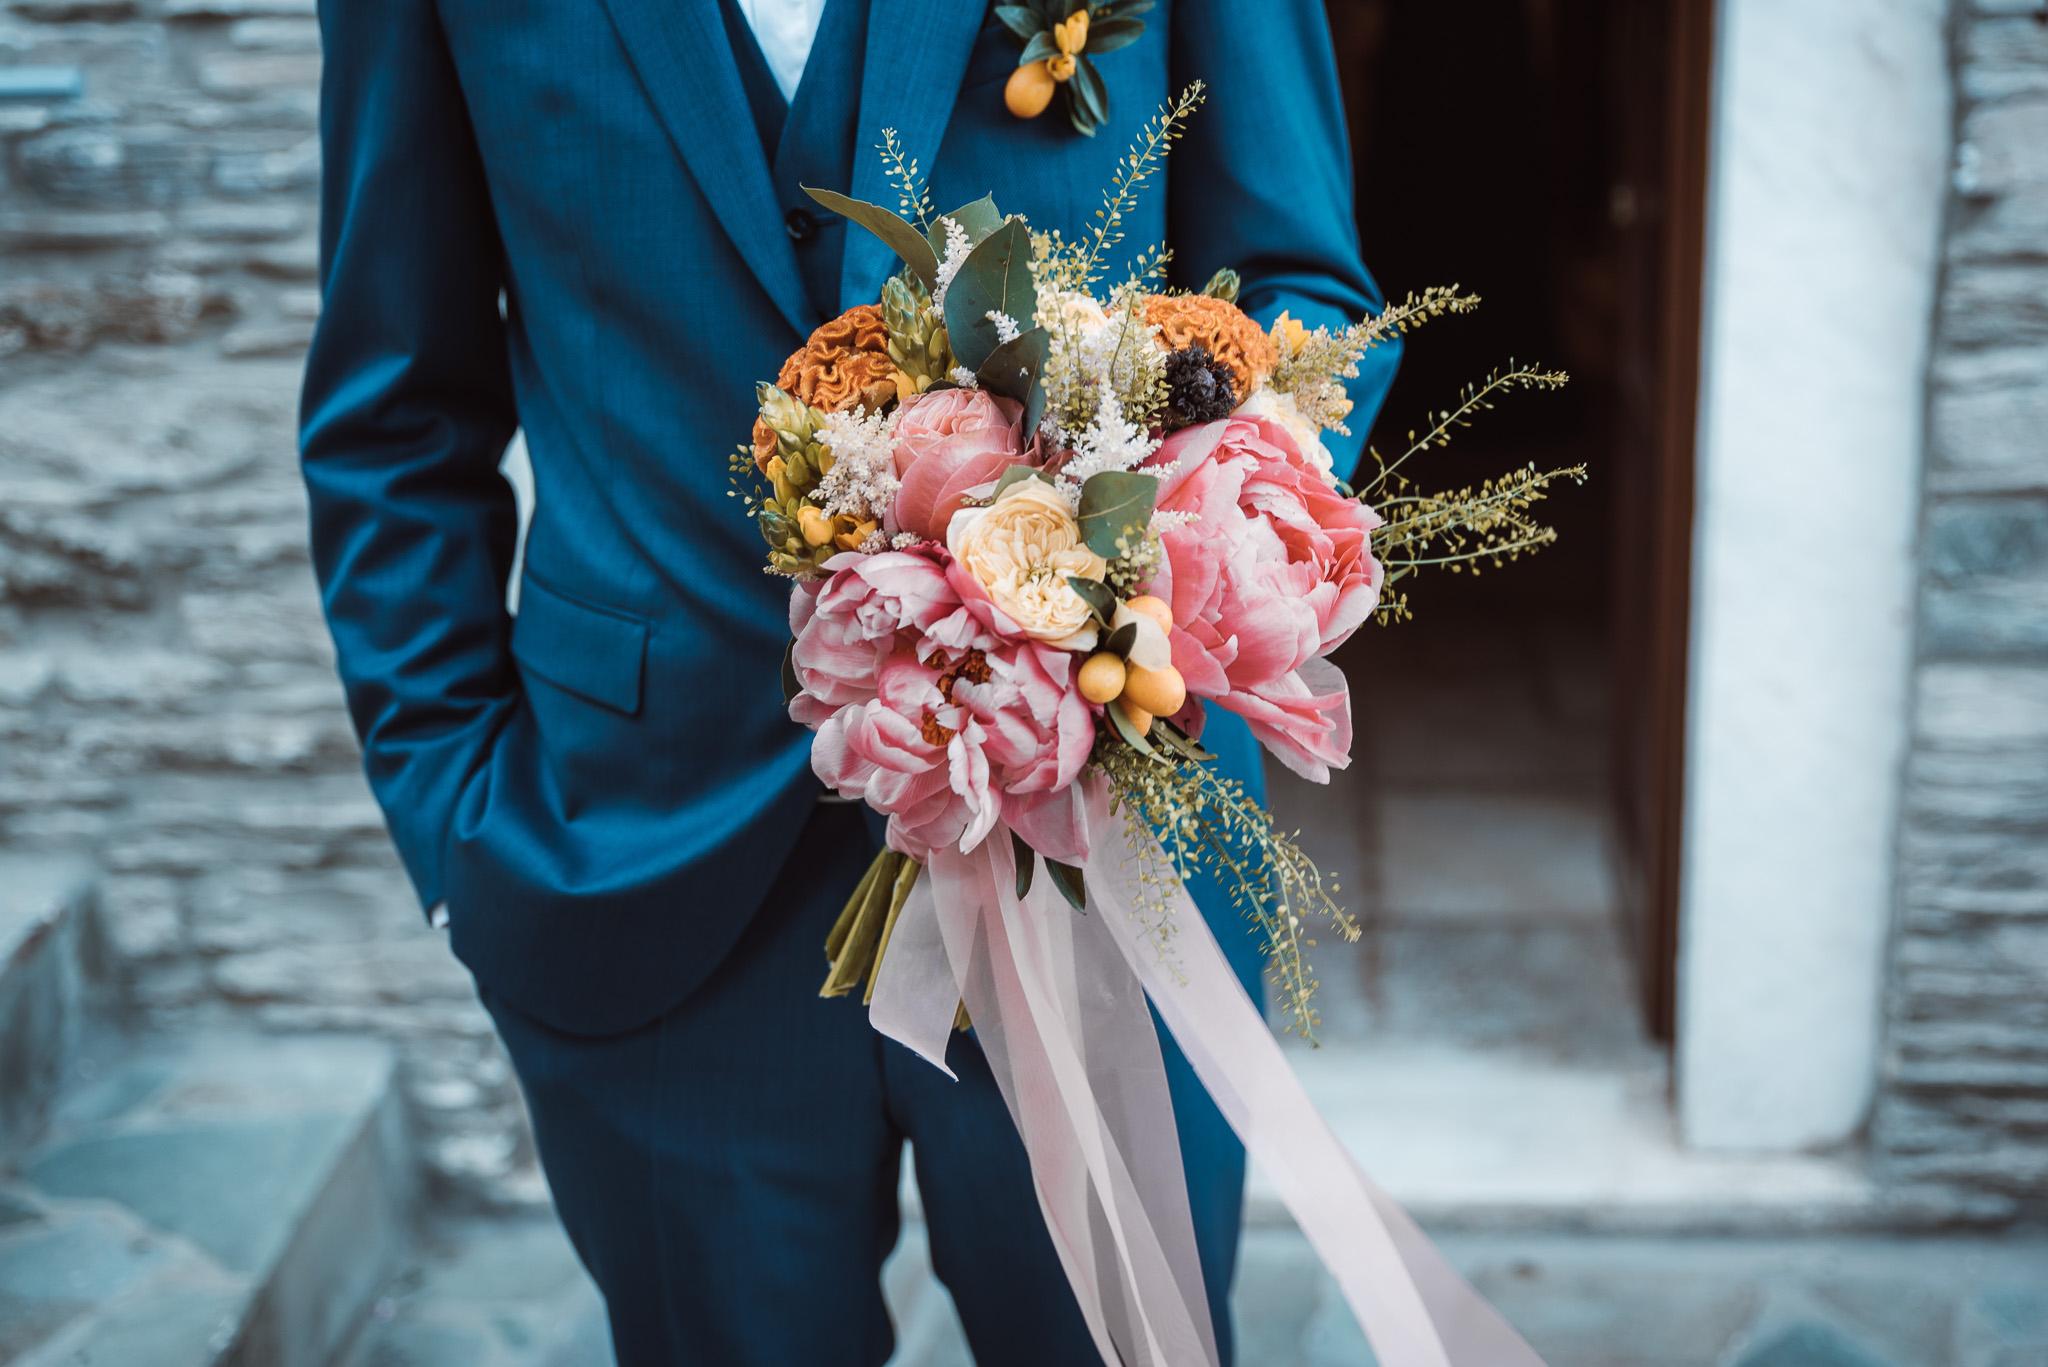 νυφική ανθοδέσμη | γάμος στην Άνδρο